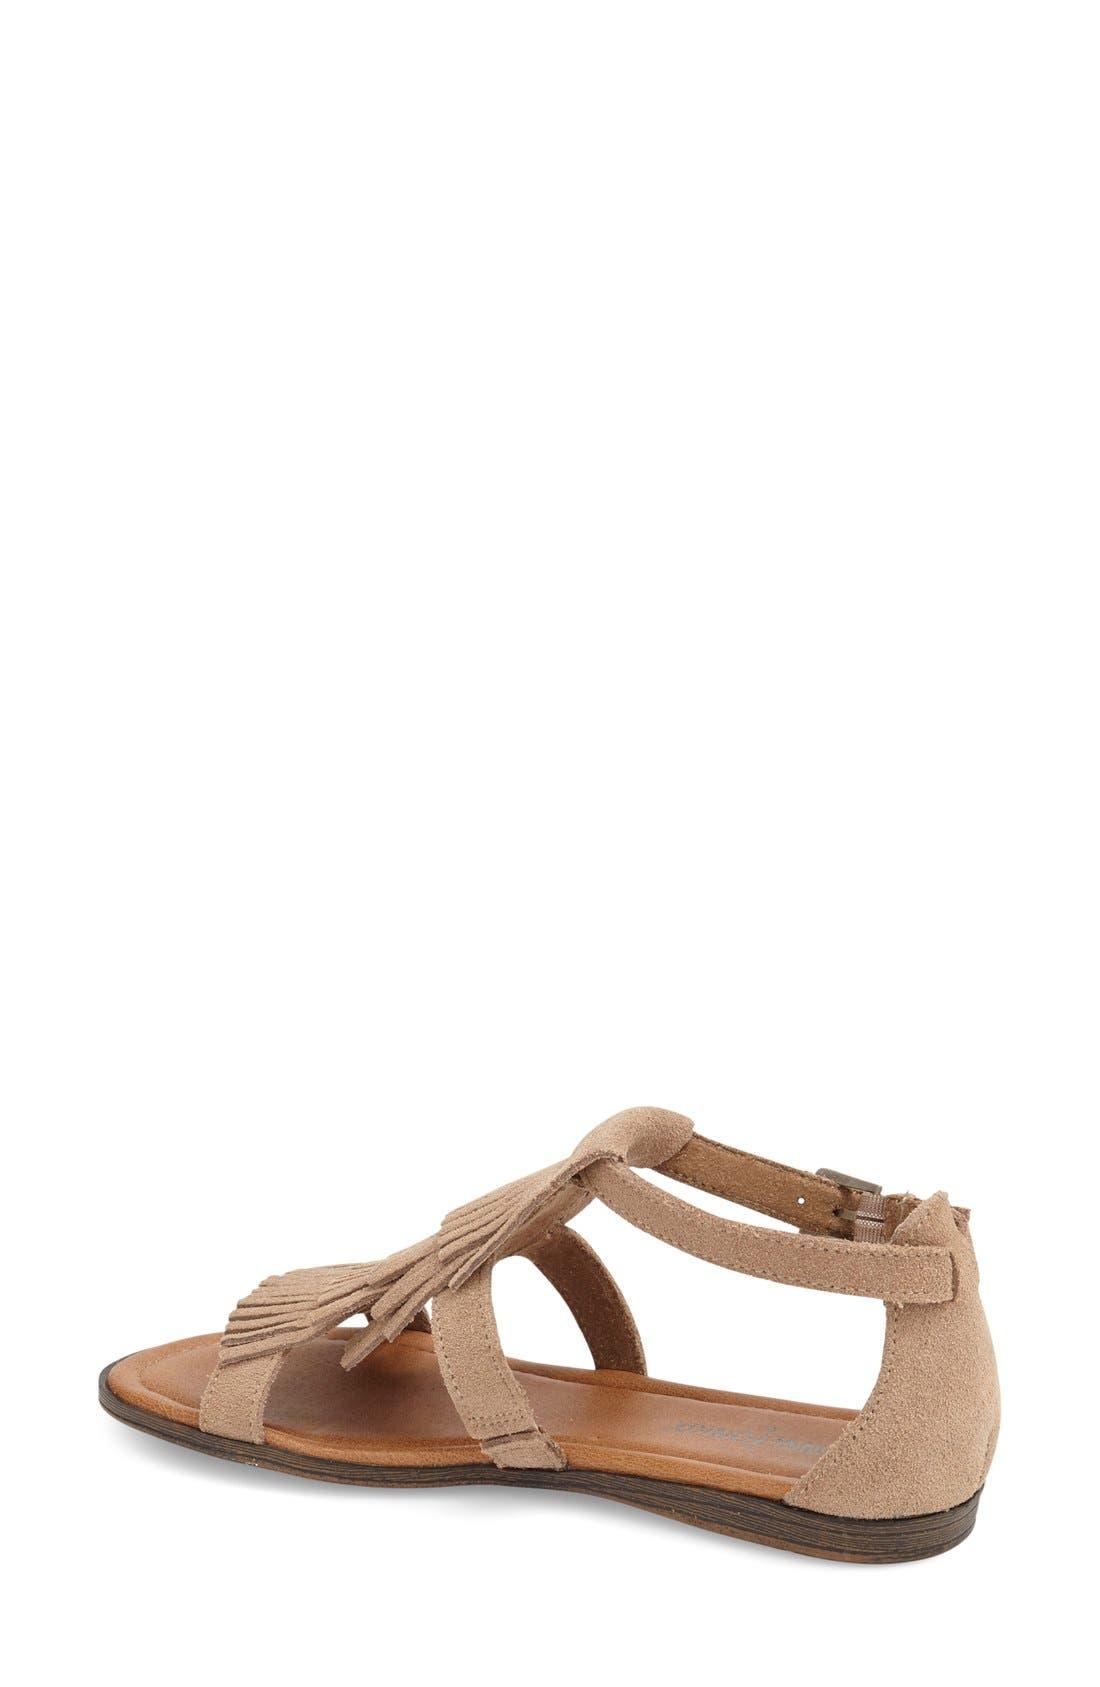 Alternate Image 2  - Minnetonka 'Maui' Sandal